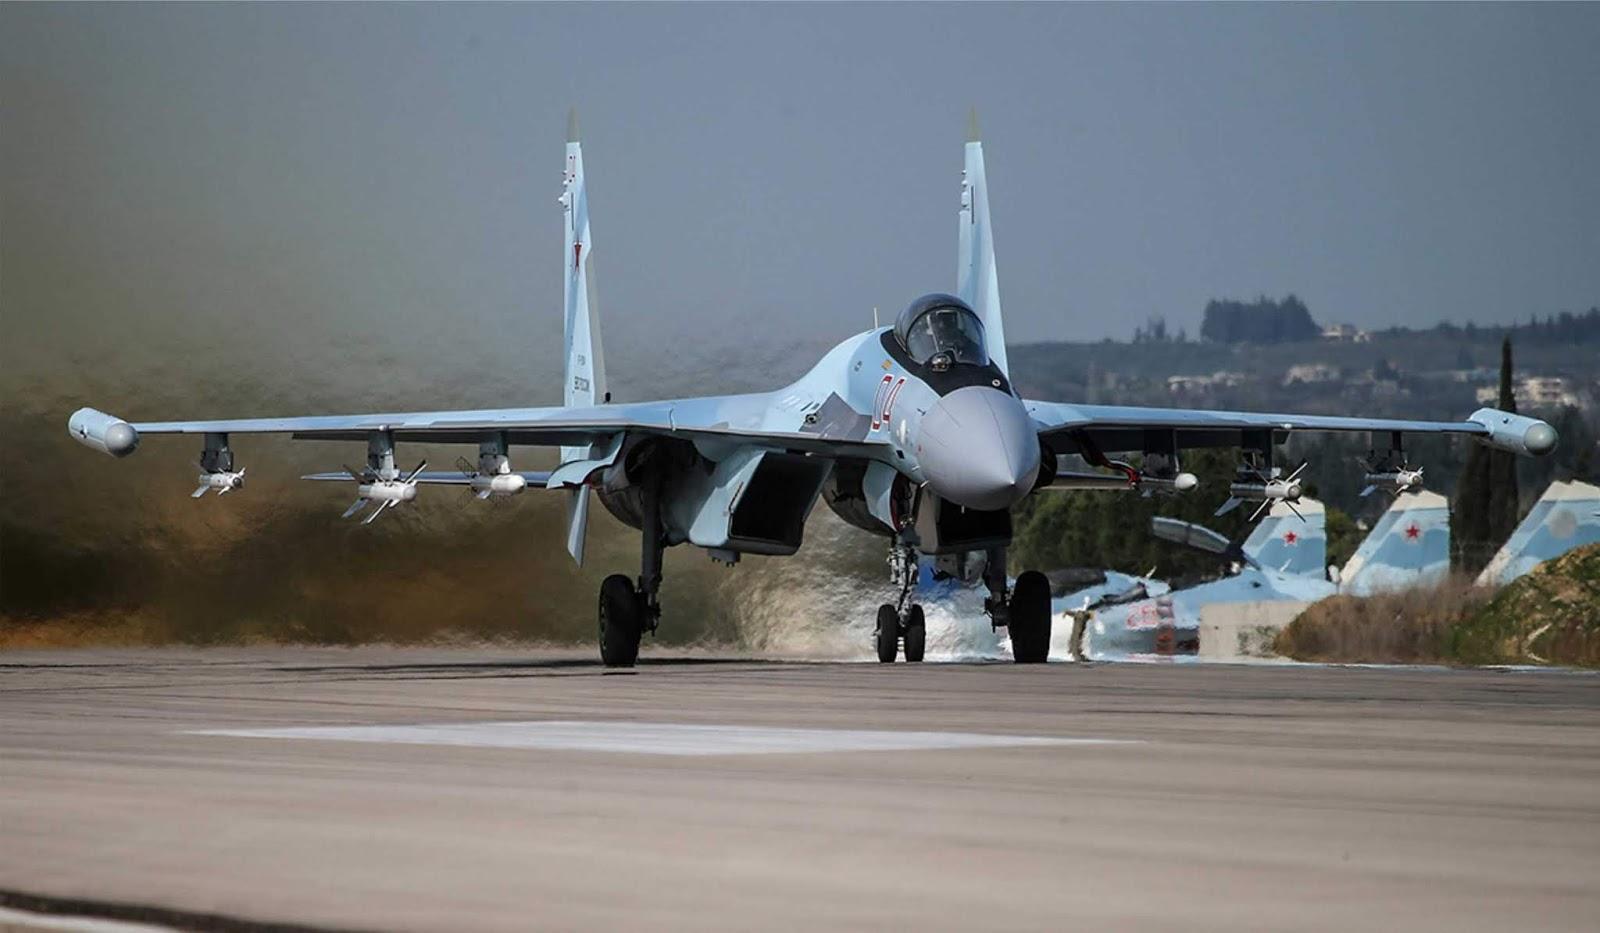 Mesir akan membeli lebih dari dua lusin Su-35 dari Rusia